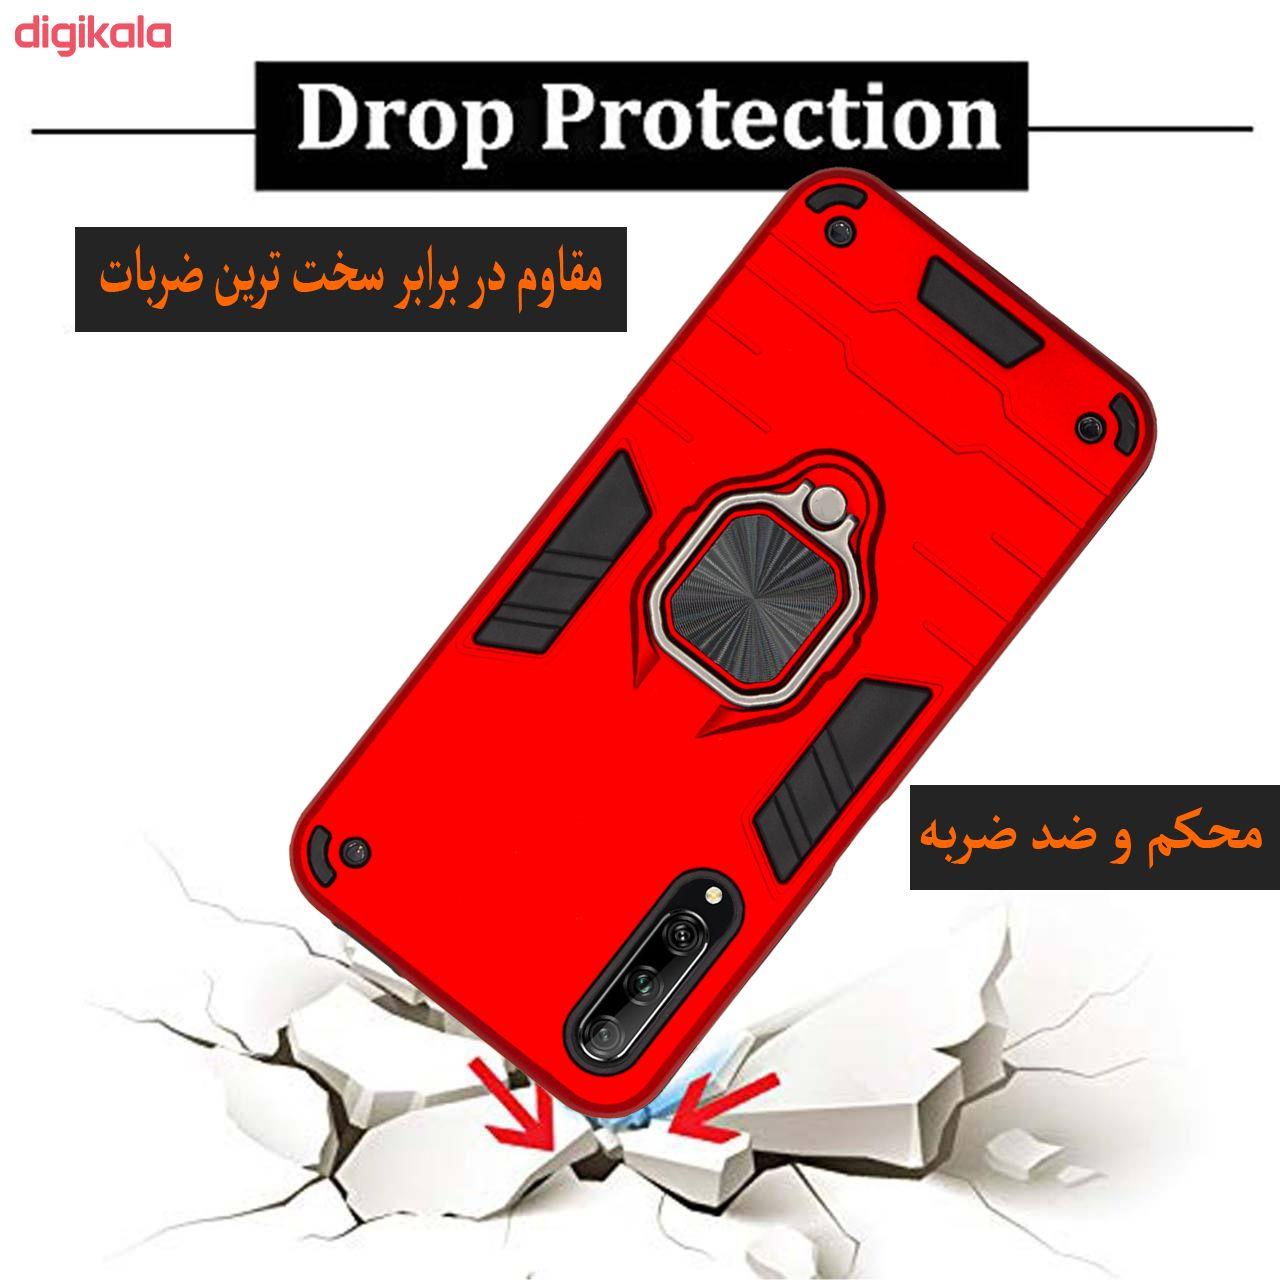 کاور کینگ پاور مدل ASH22 مناسب برای گوشی موبایل هوآوی Y9s main 1 3